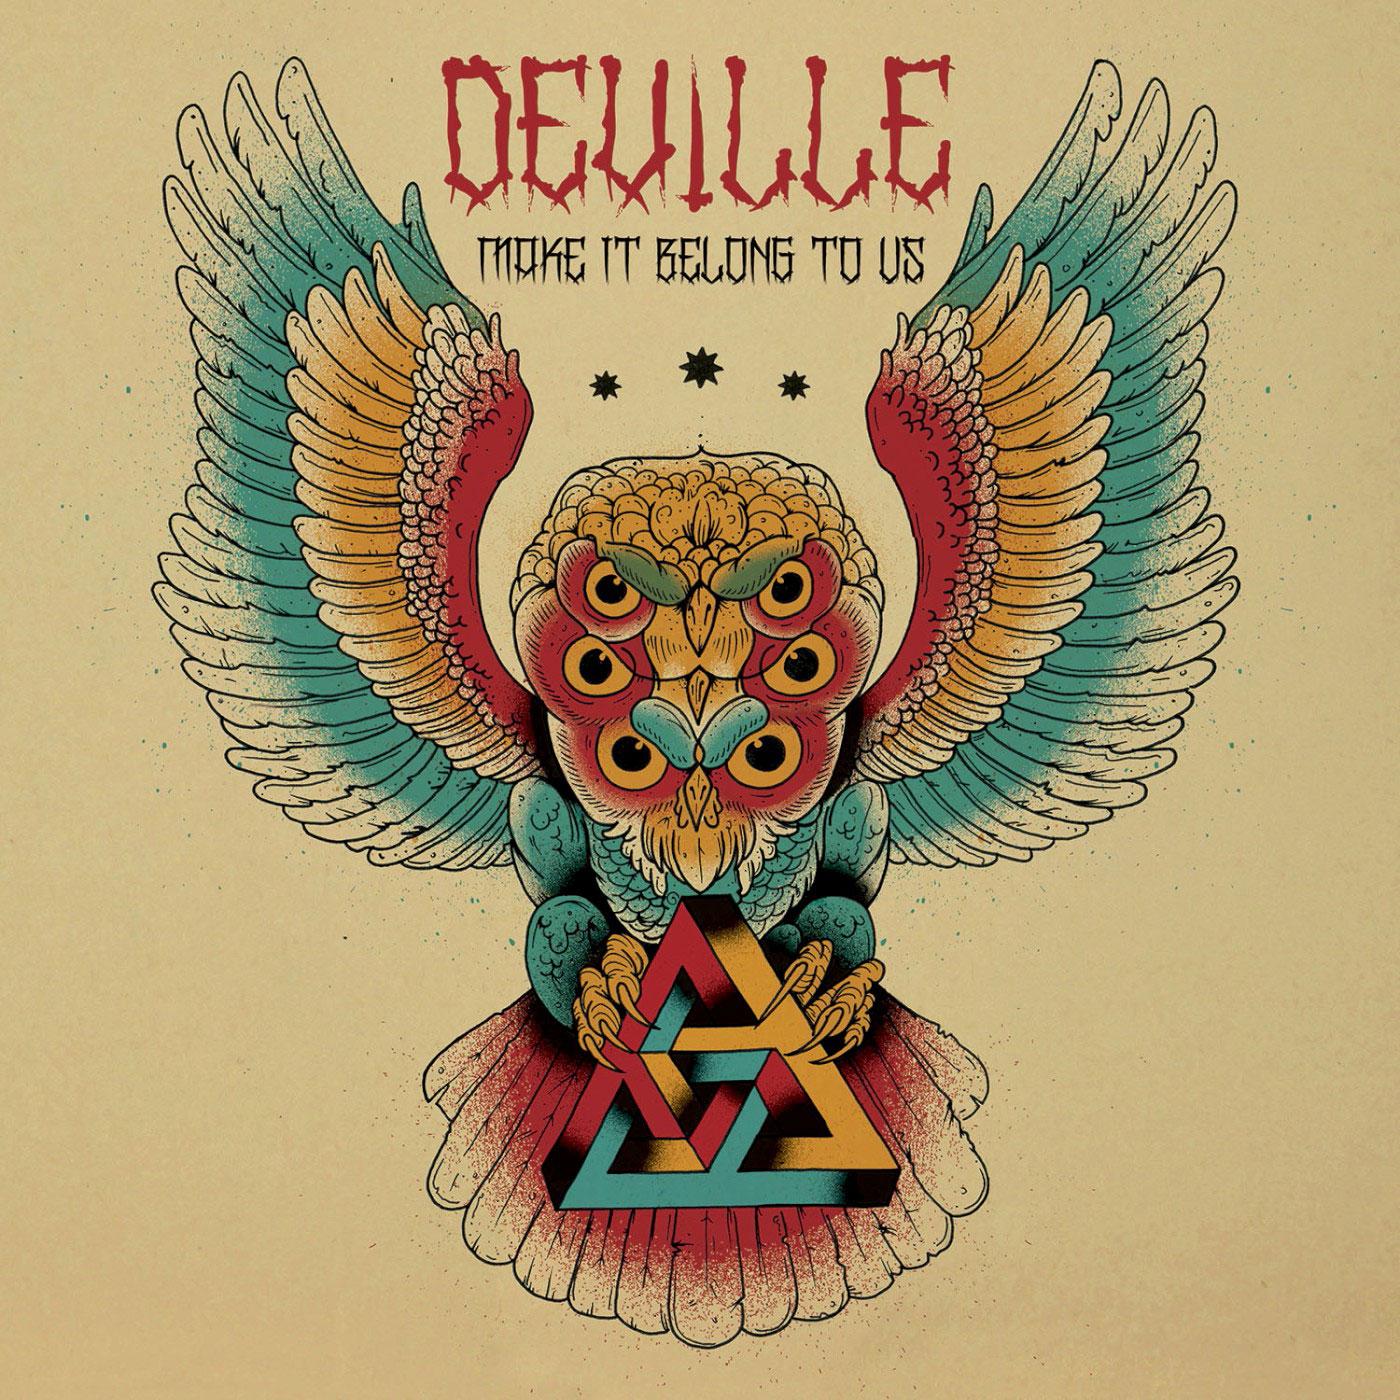 deville-make-it-belong-to-us